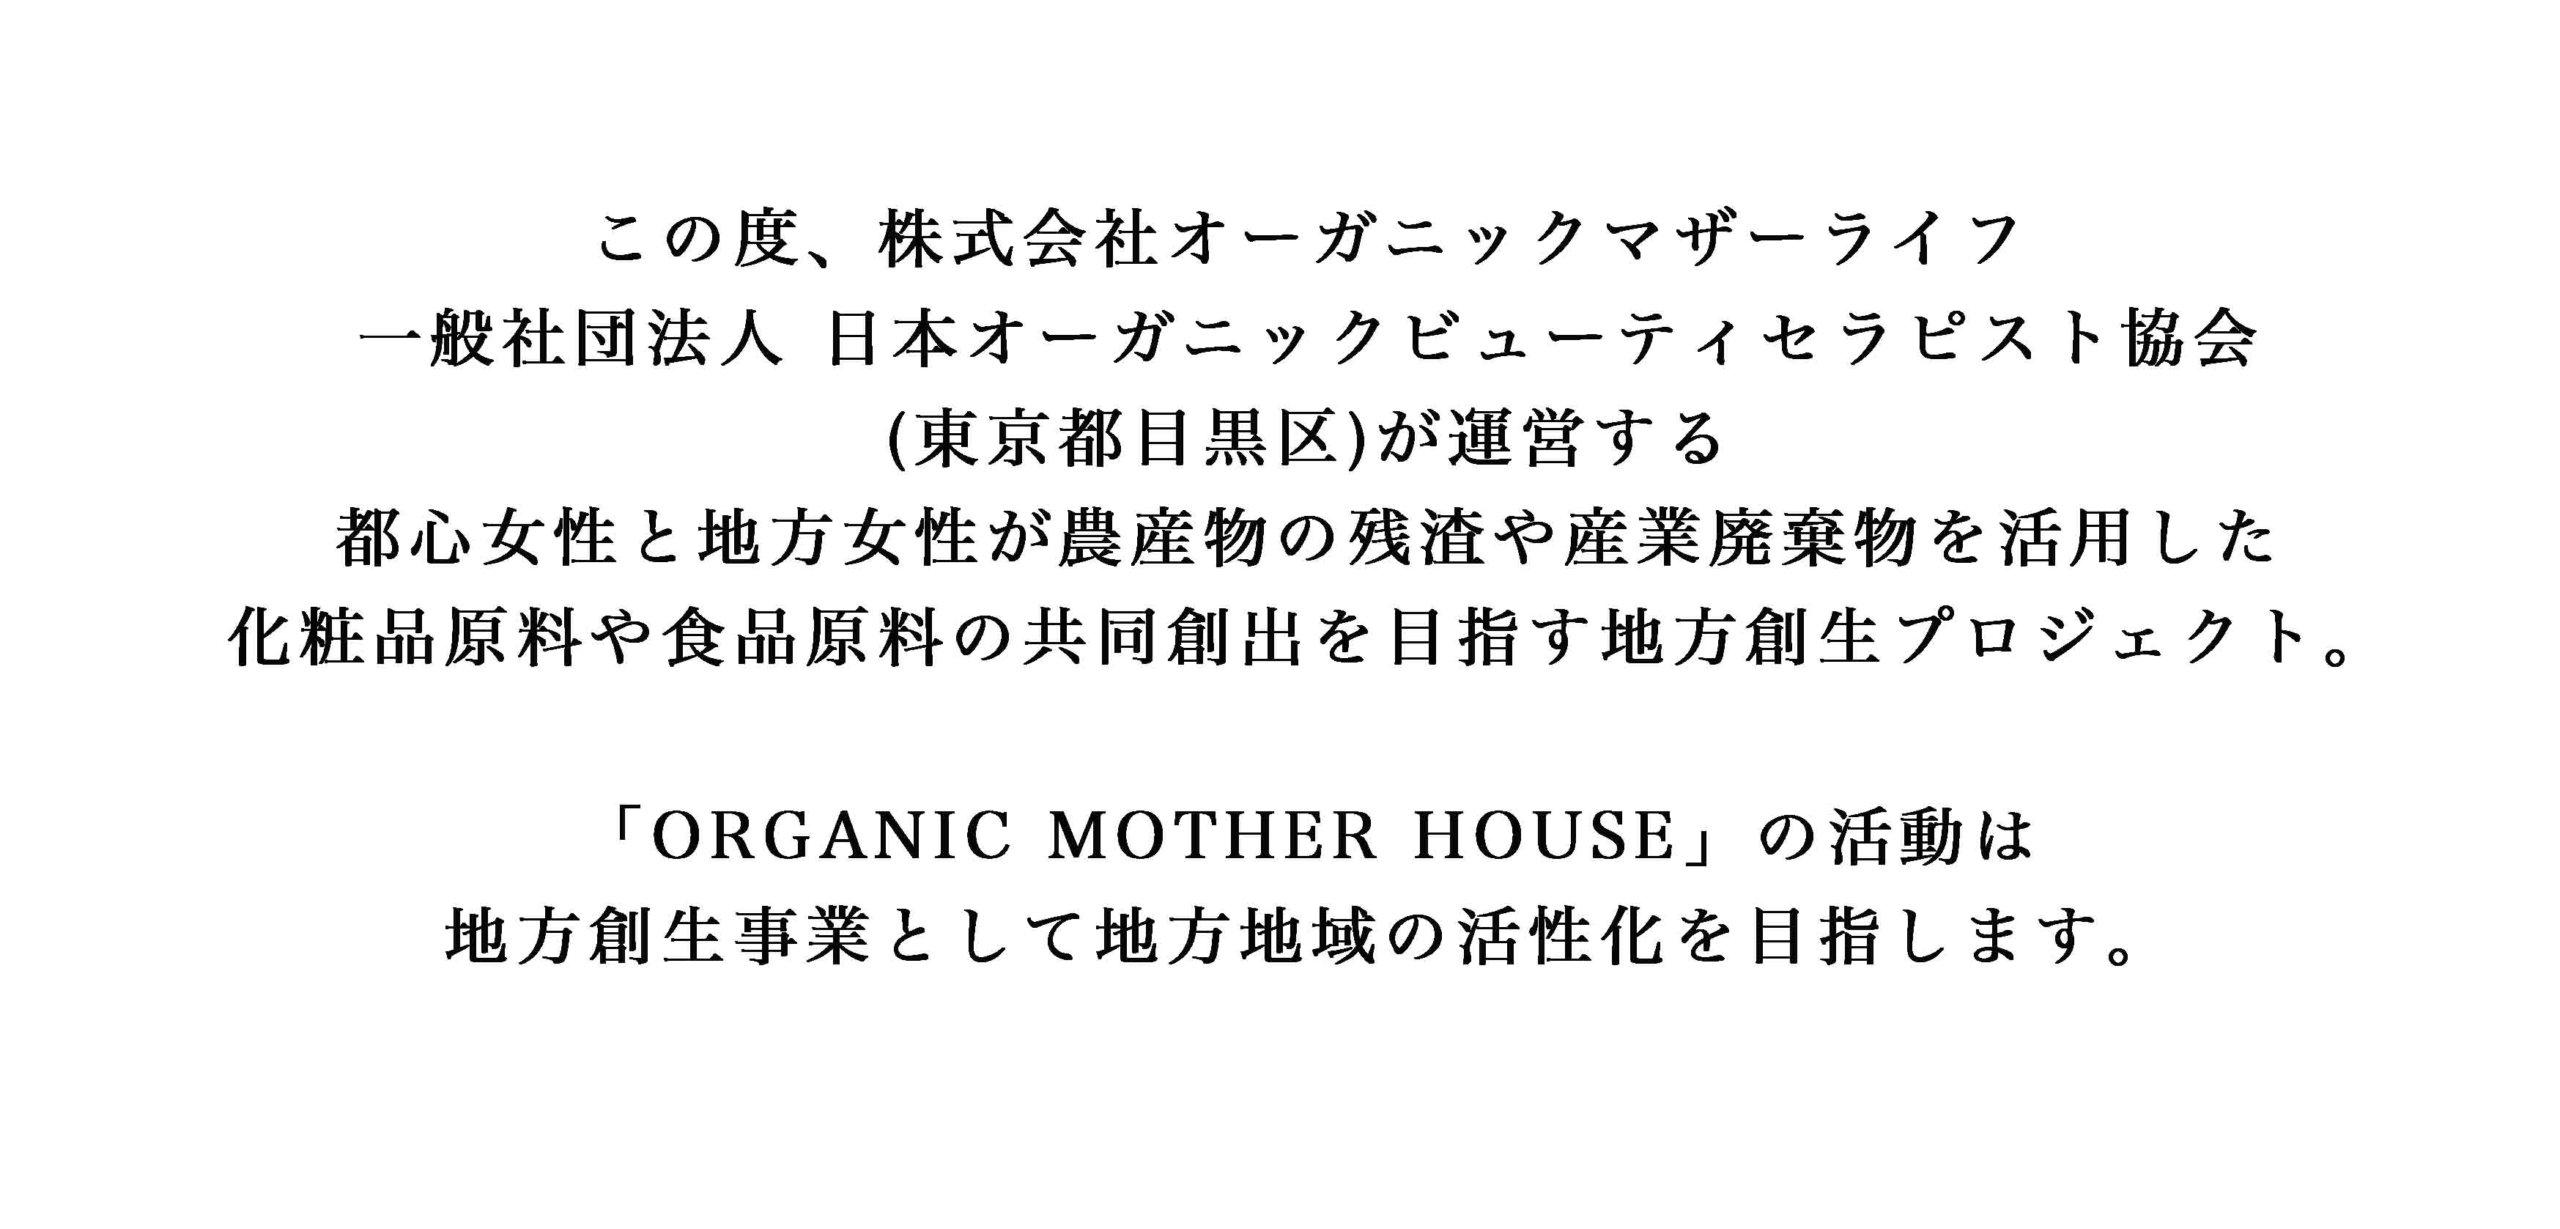 この度、株式会社オーガニックマザーライフ 一般社団法人 日本オーガニックビューティセラピスト協会